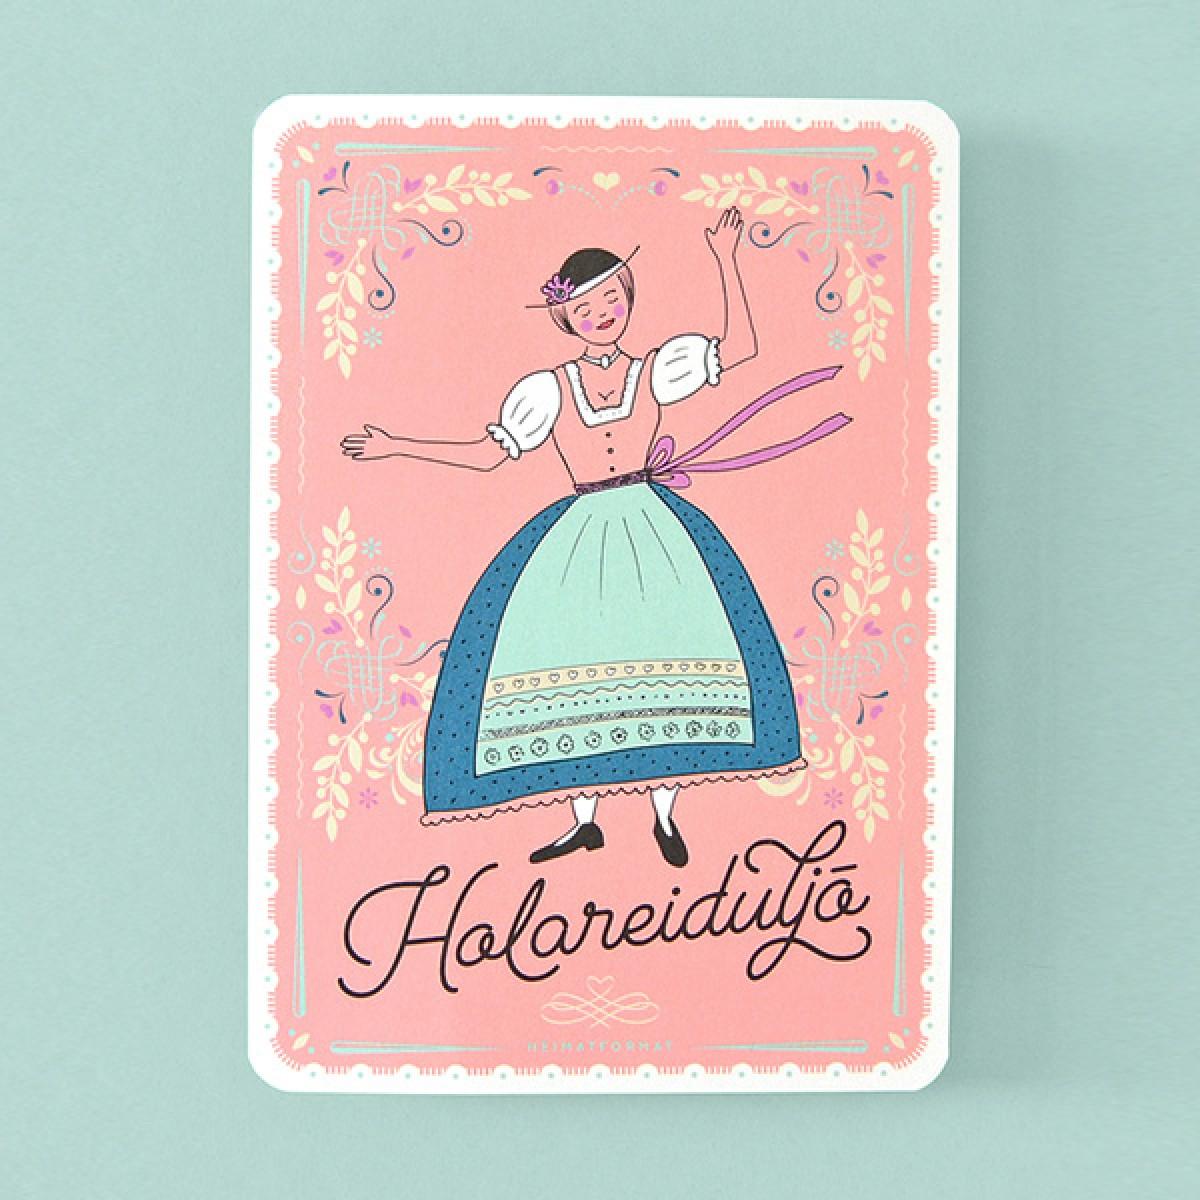 HEIMATFORMAT HOLAREIDULJÖ – Liesl // Bayerische Postkarte